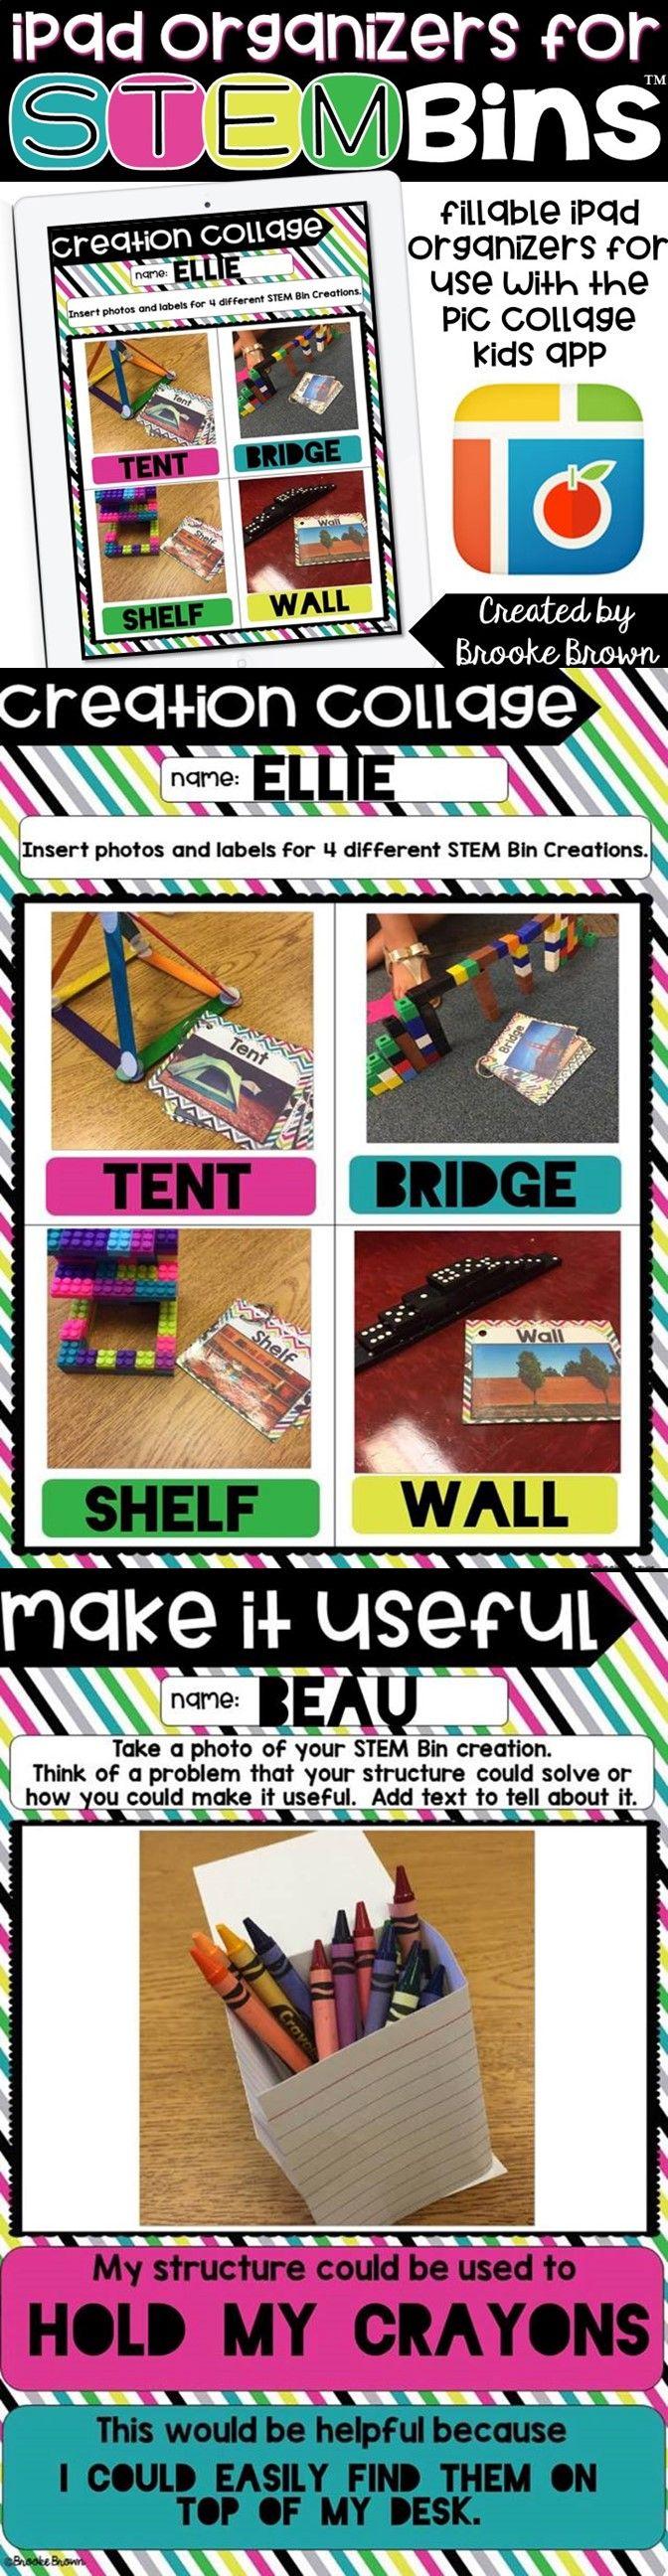 Worksheet Kindergarten Enrichment Activities 485 best enrichment activities images on pinterest science digital organizers for stem activitiesscience